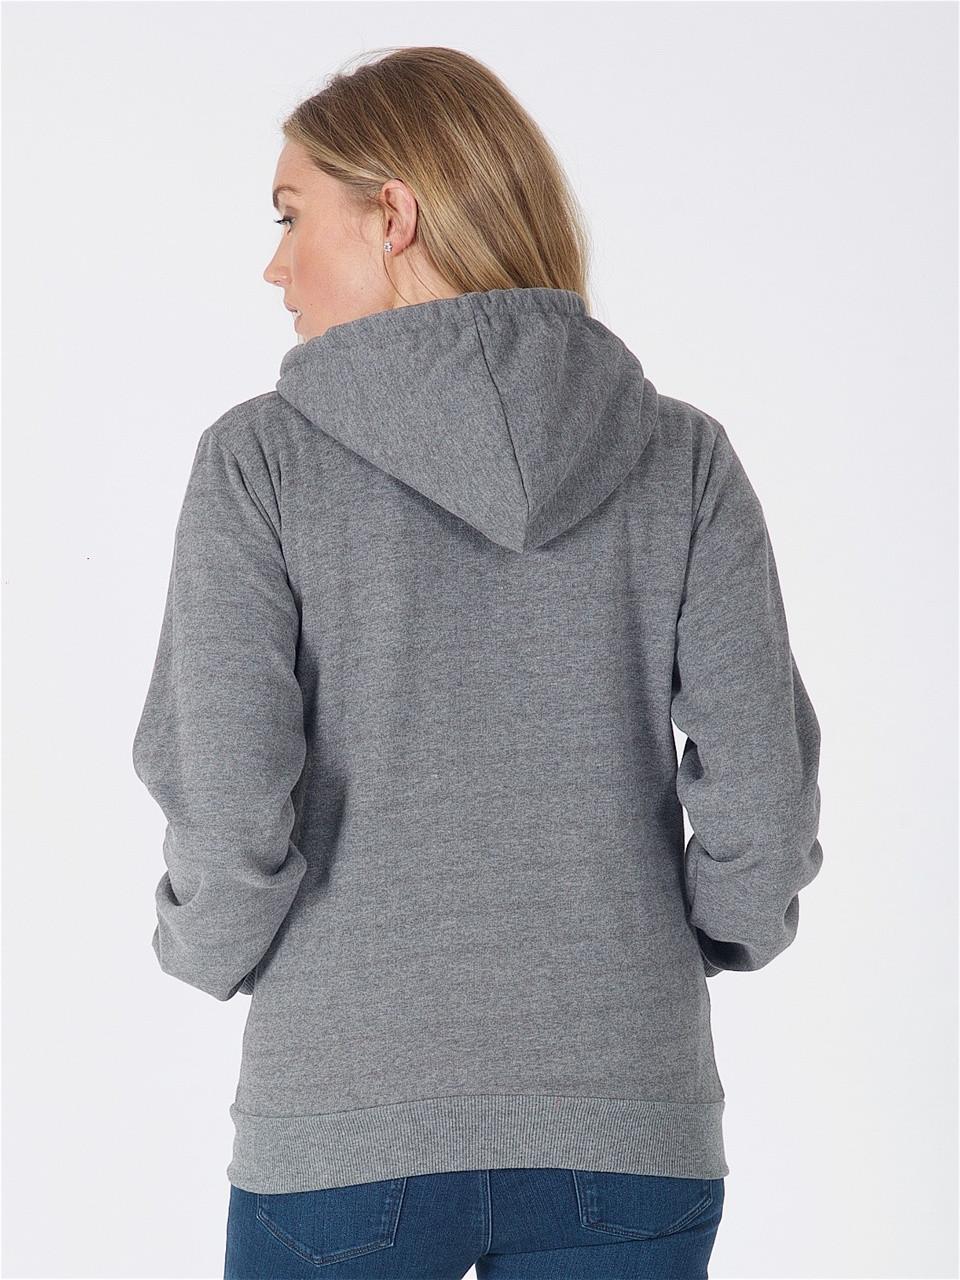 Jersey Zip Hoodie in Charcoal